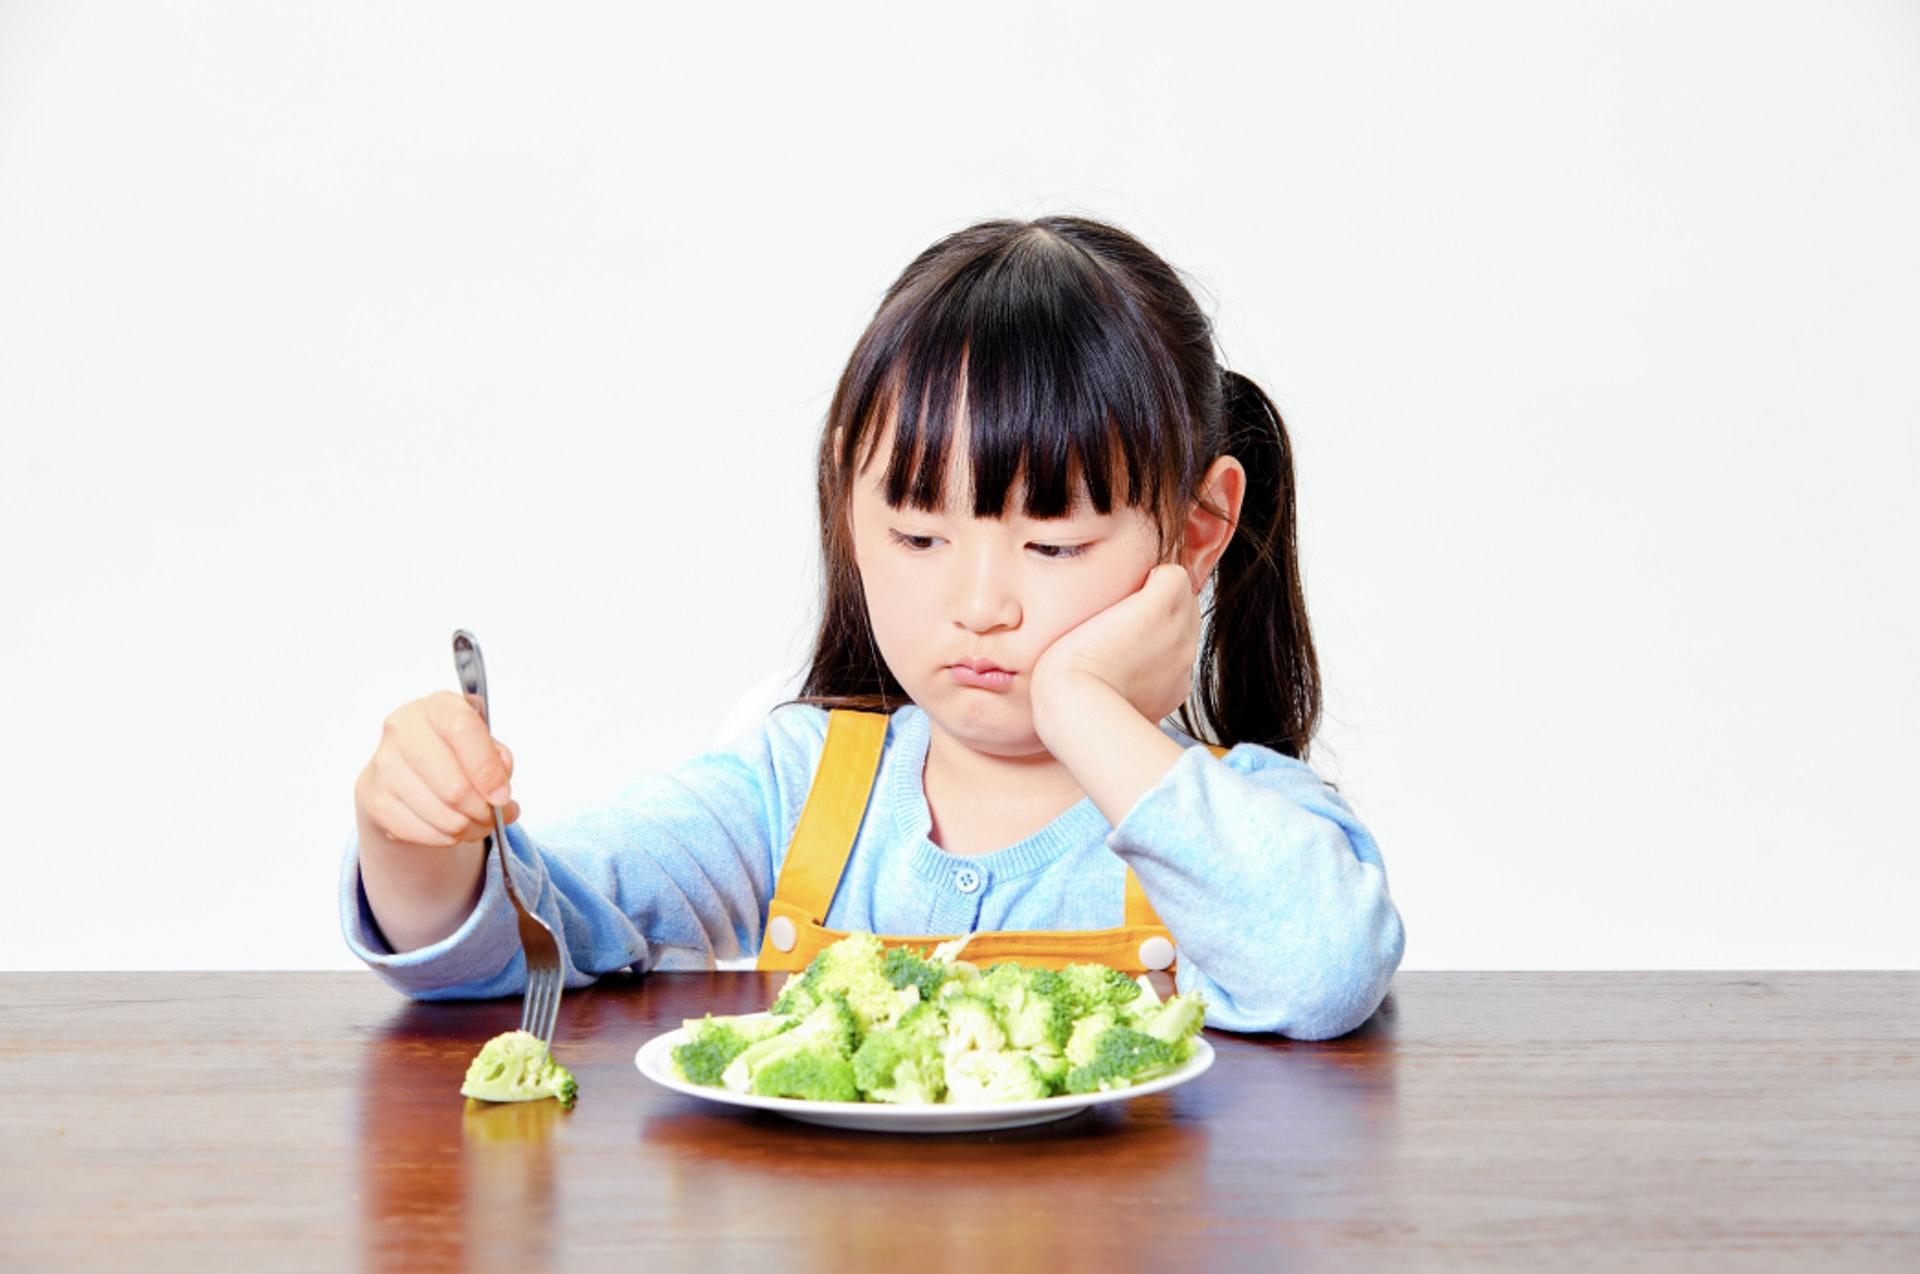 營養師強調,家長不宜自行胡亂為孩子節食,或跟從坊間的無科學根據的餐單減重,否則會影響孩子的胃口或引起反感情緒,更可能會引致貧血、暈眩等情況,長遠會導致營養不良、抵抗力降低及發展遲緩。(圖片:readmop)